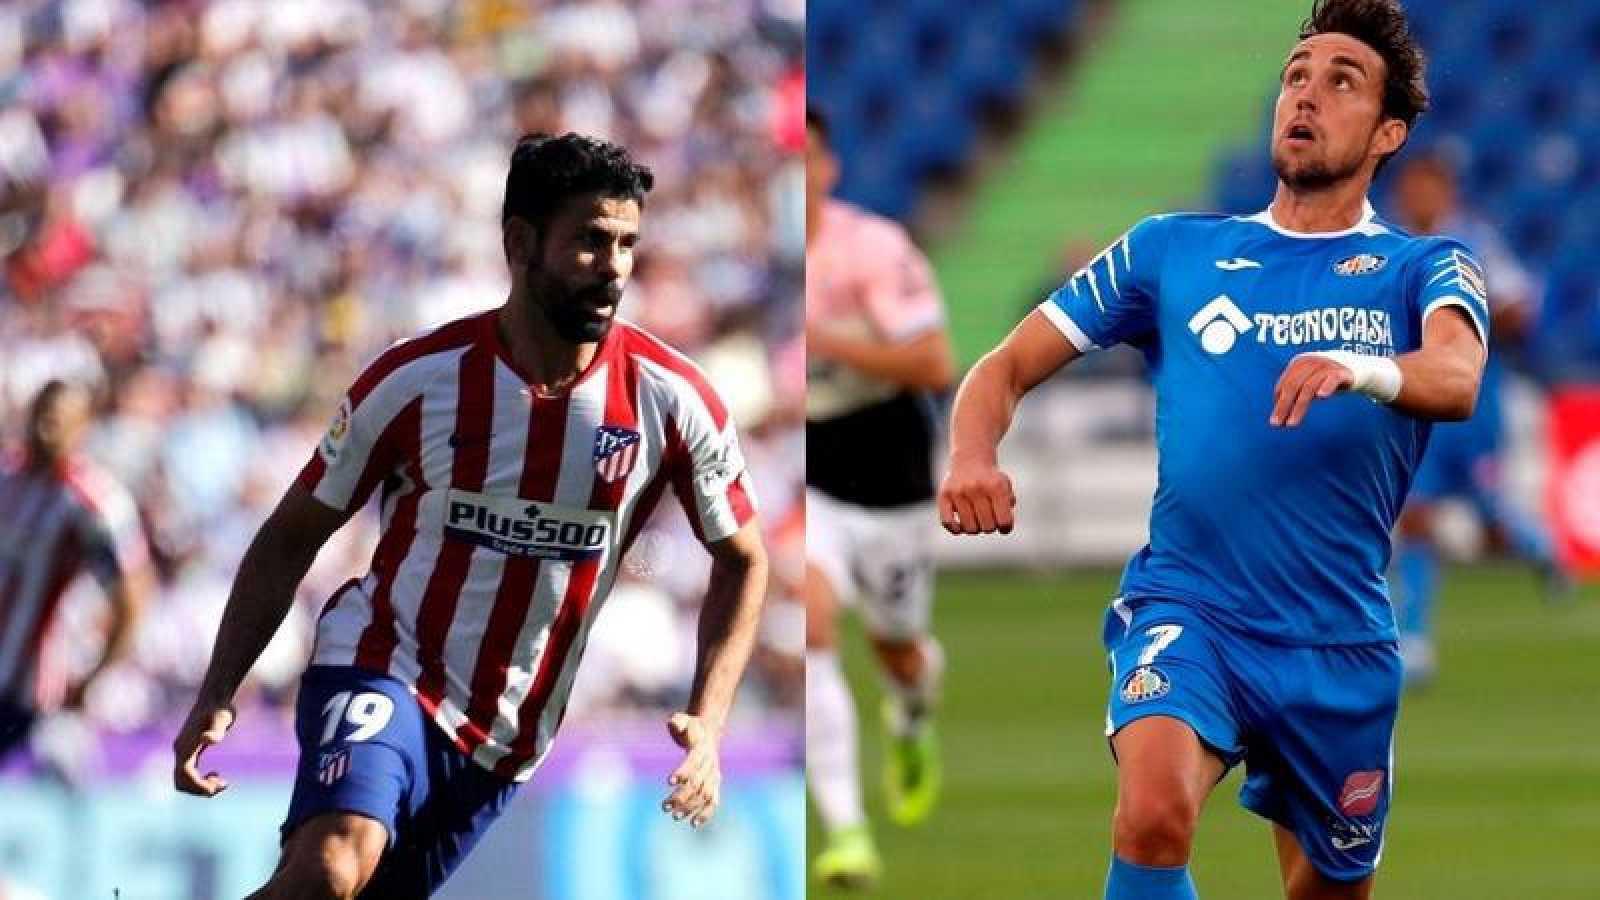 El Atlético vuelve al Wanda para consolidarse en puestos de Campions